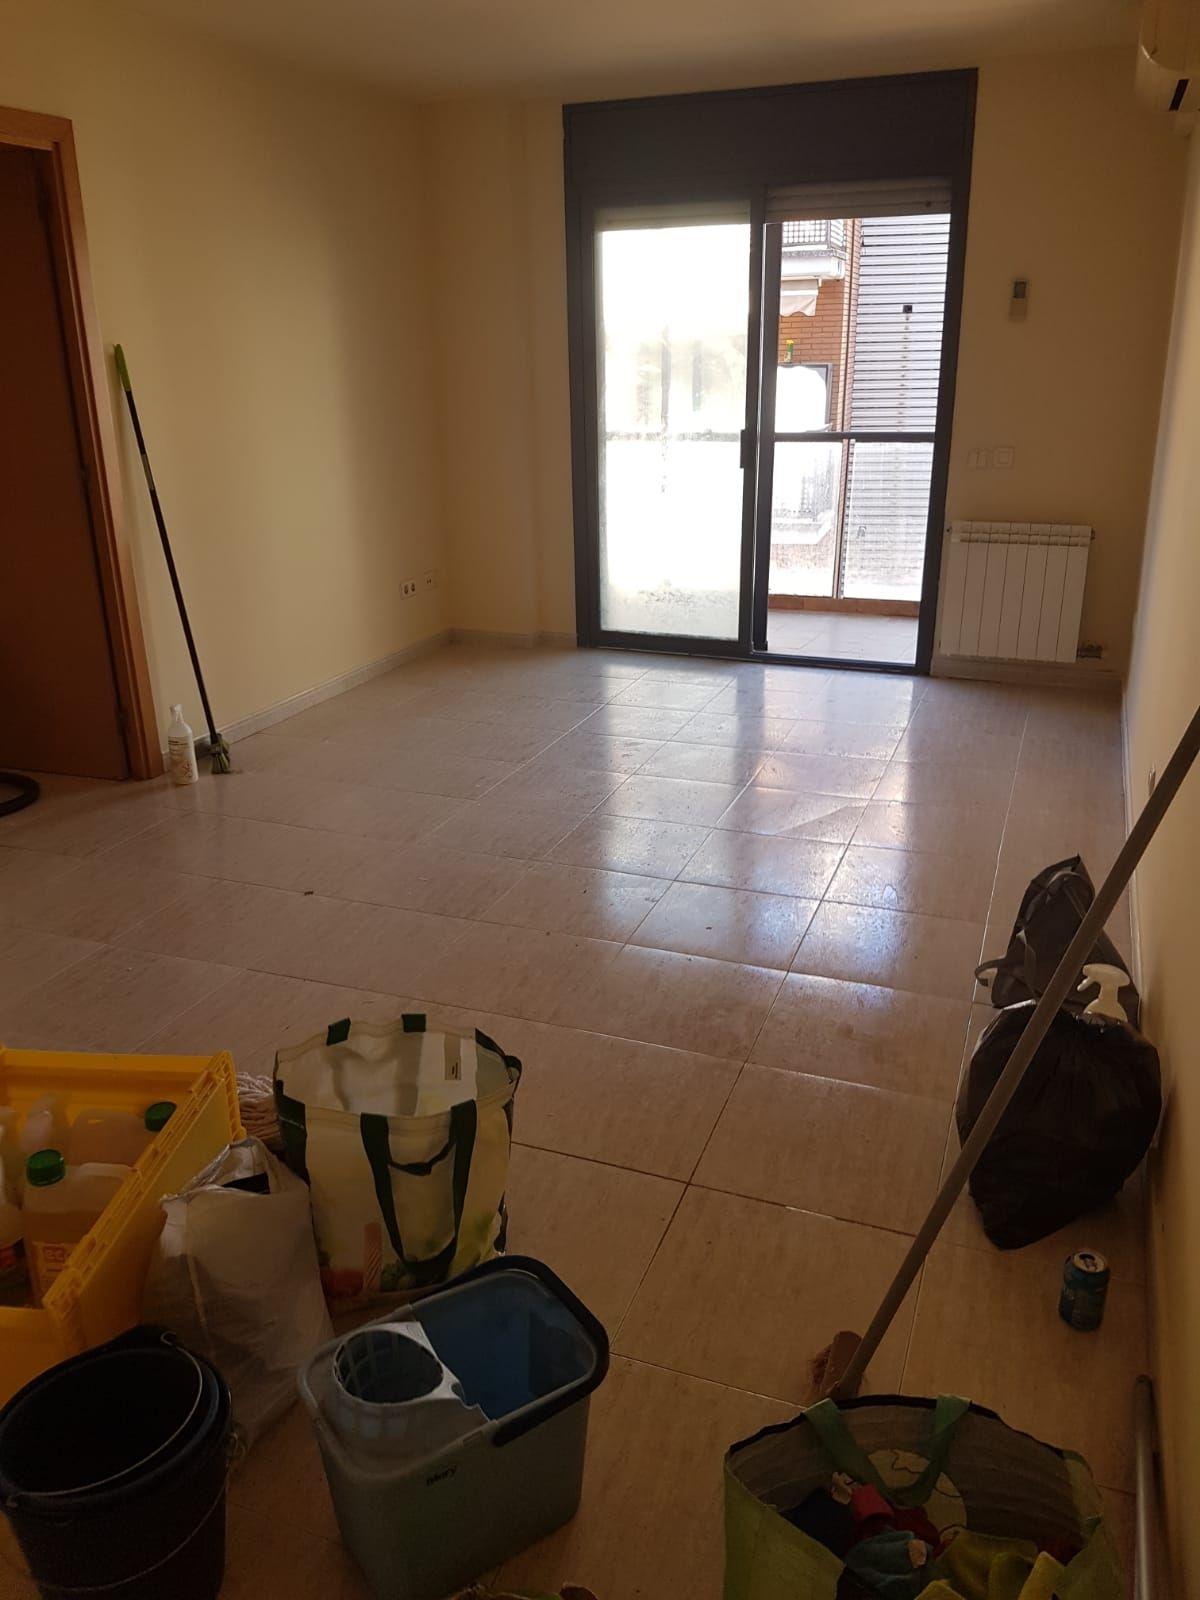 Limpieza un piso - Antes